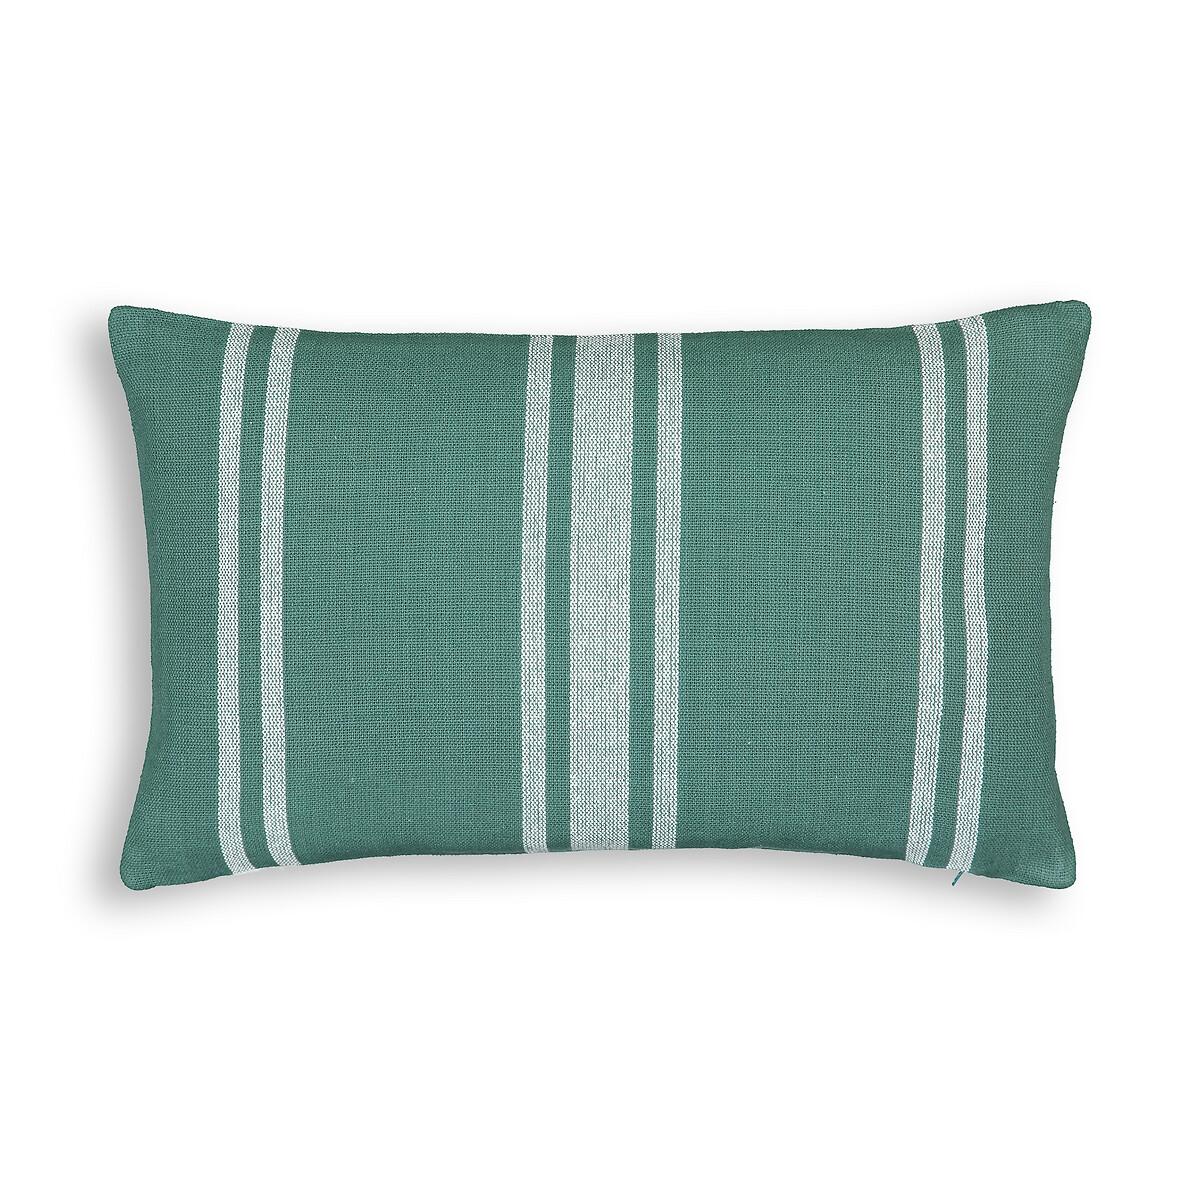 Чехол LaRedoute На подушку в полоску из 100 хлопка Minille 50 x 30 см зеленый пододеяльник laredoute из 100 хлопкового сатина в полоску 240 x 220 см зеленый